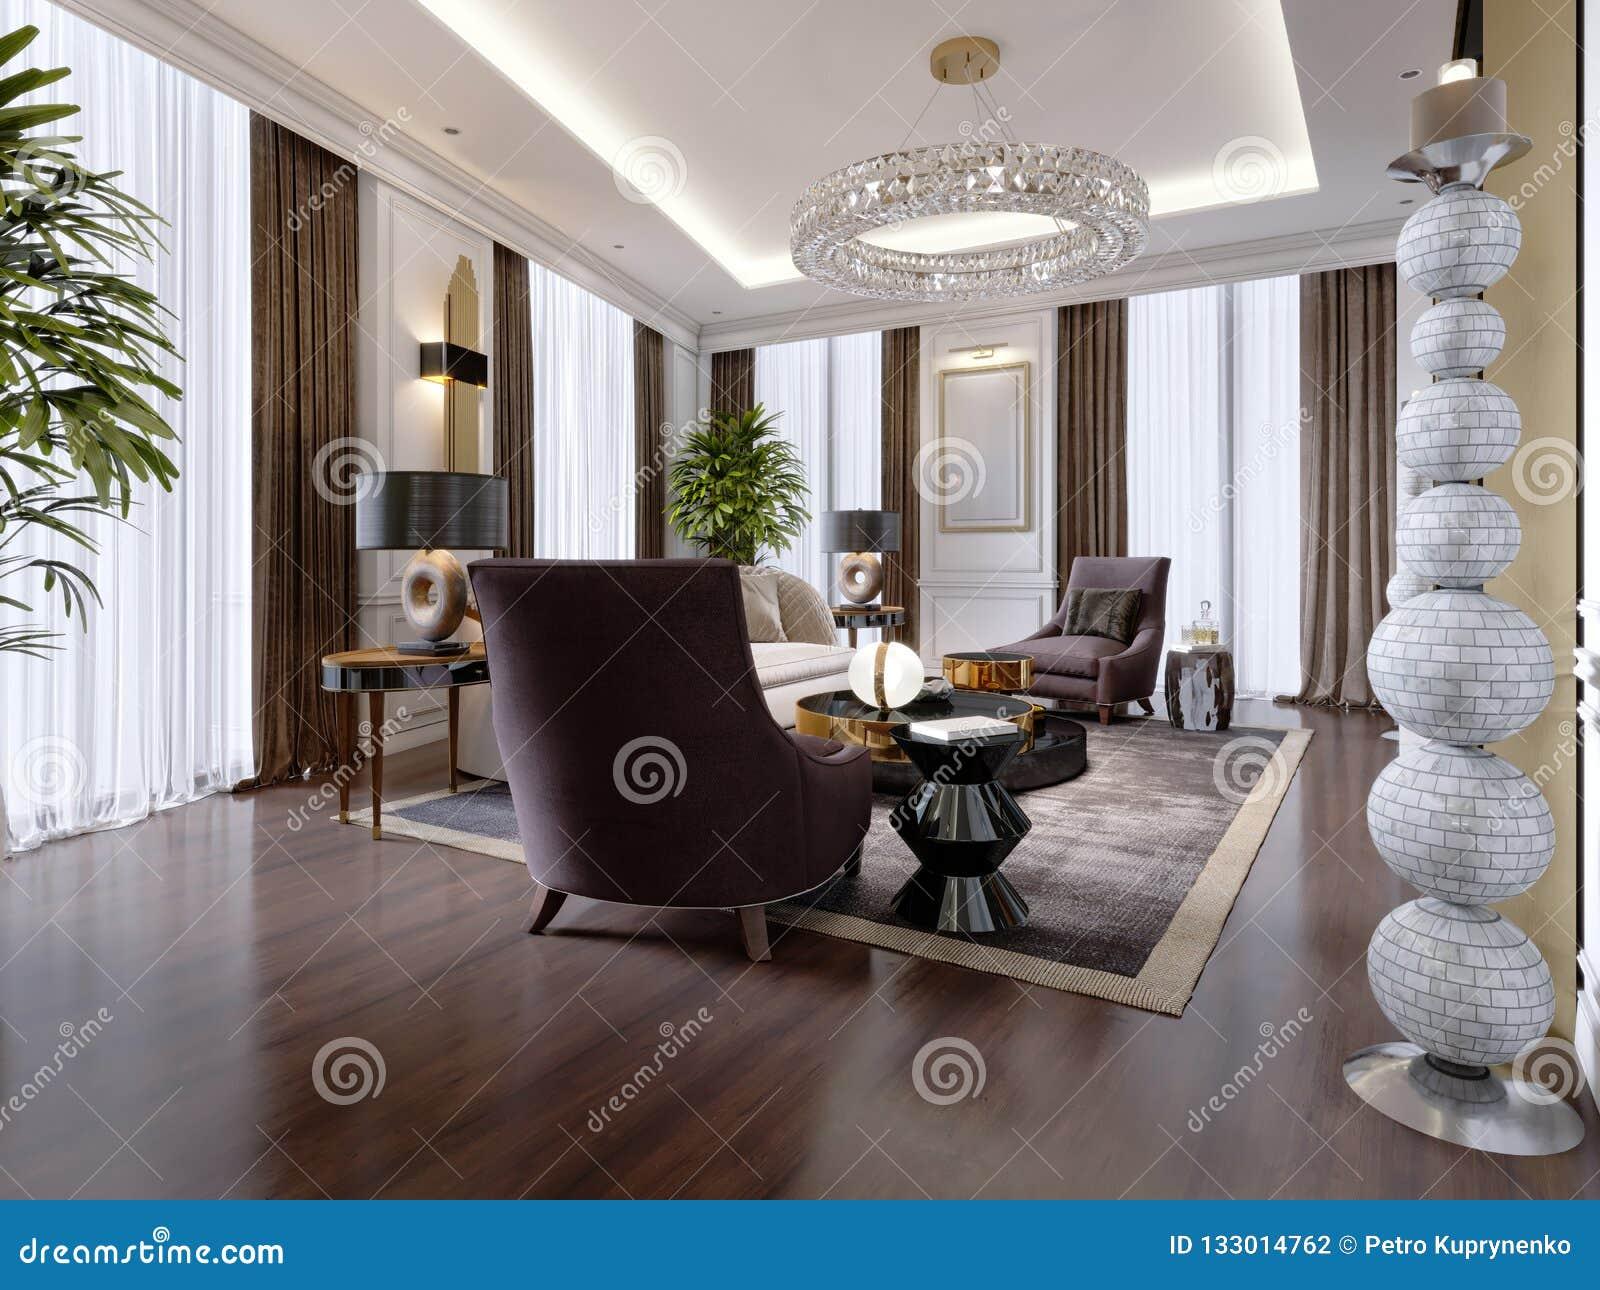 Lyxig vardagsrum i modern stil med soffan, fåtölj, märkes- möblemang, TVställning, stor dekorativ ljusstake, runda